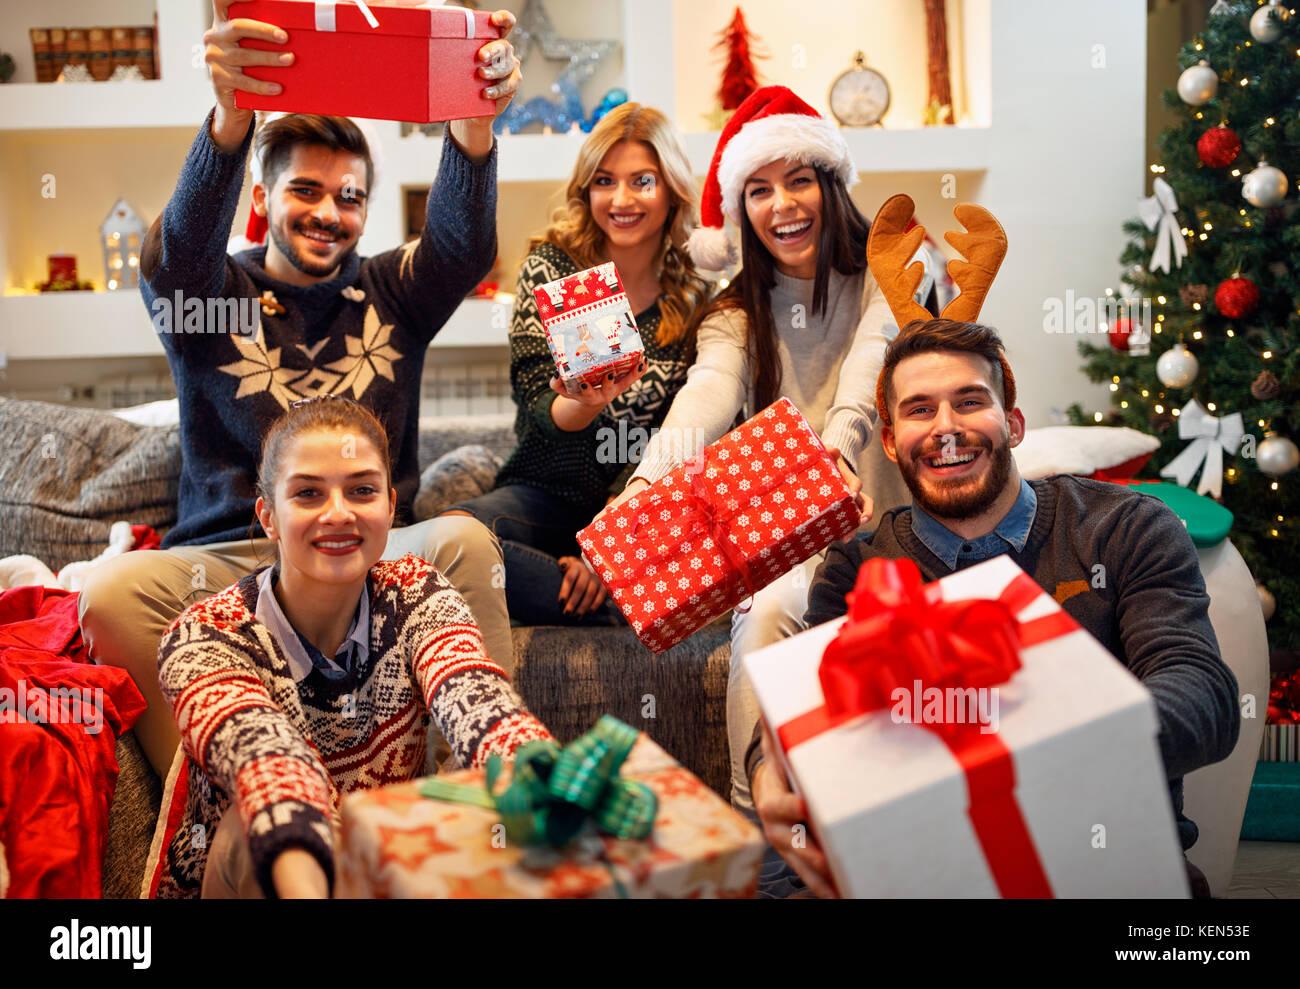 Gente Feliz En Navidad.La Familia La Navidad Las Vacaciones La Felicidad Y La